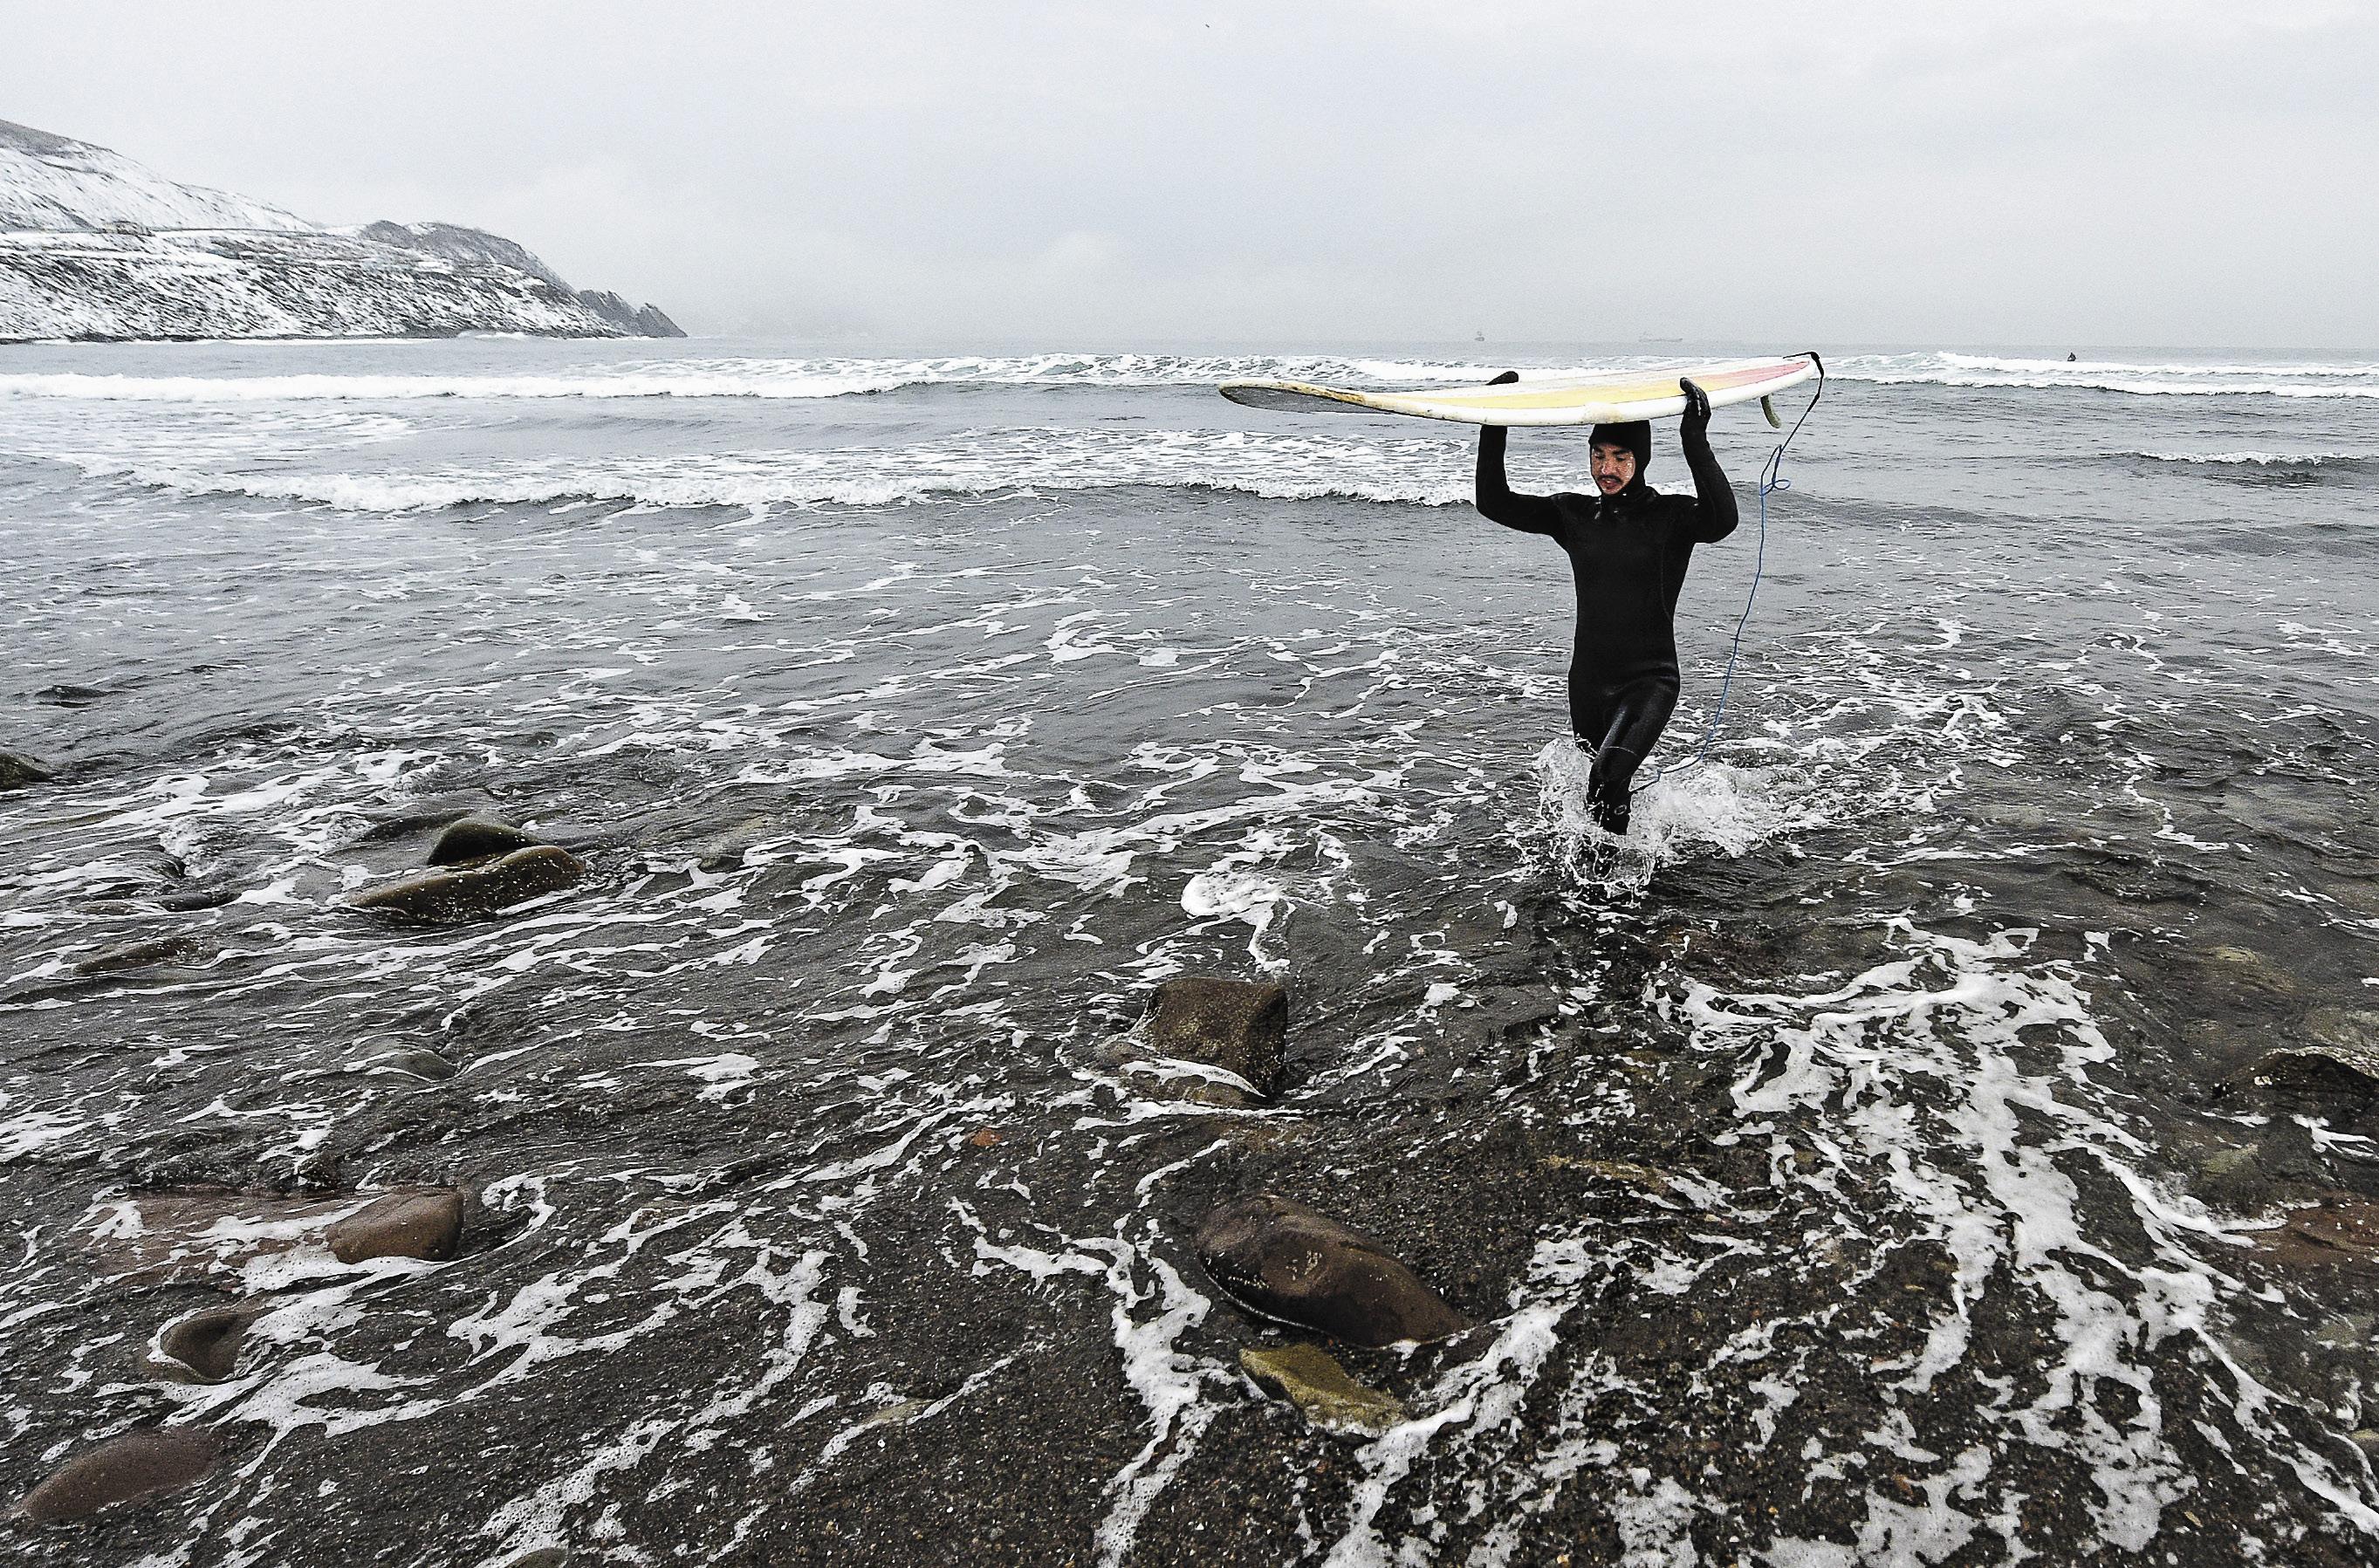 Полтора часа в воде – и греться в автомобиль. Никакого другого сервиса для зимних серфингистов не предусмотрено.